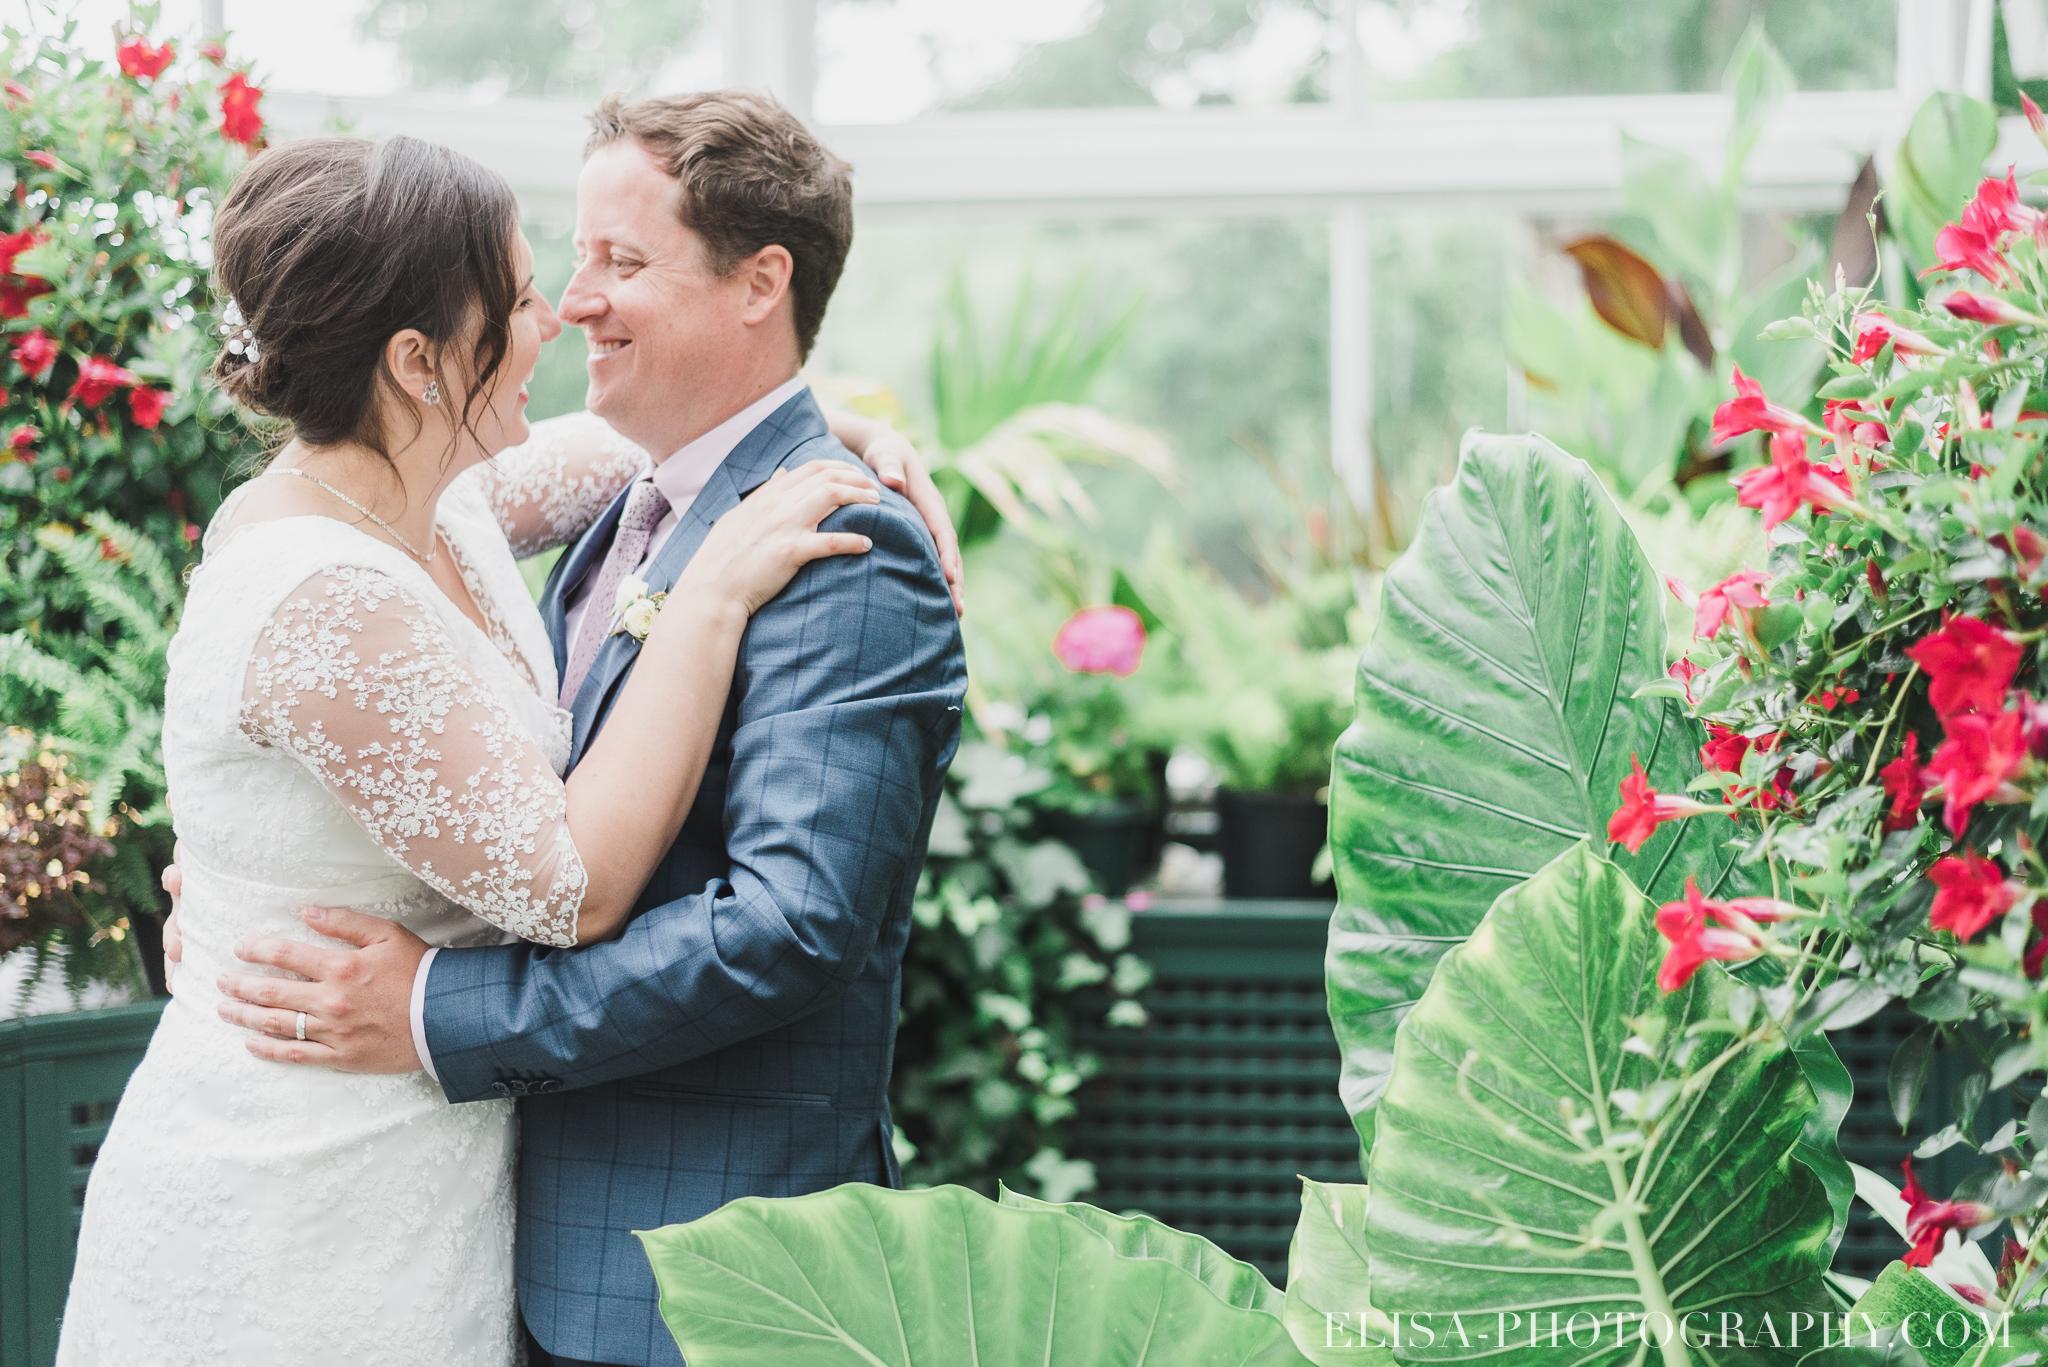 photo mariage domaine cataraqui wedding portrait couple inspiration anglaise jardin ville de quebec 2867 - Galerie photos de mariage